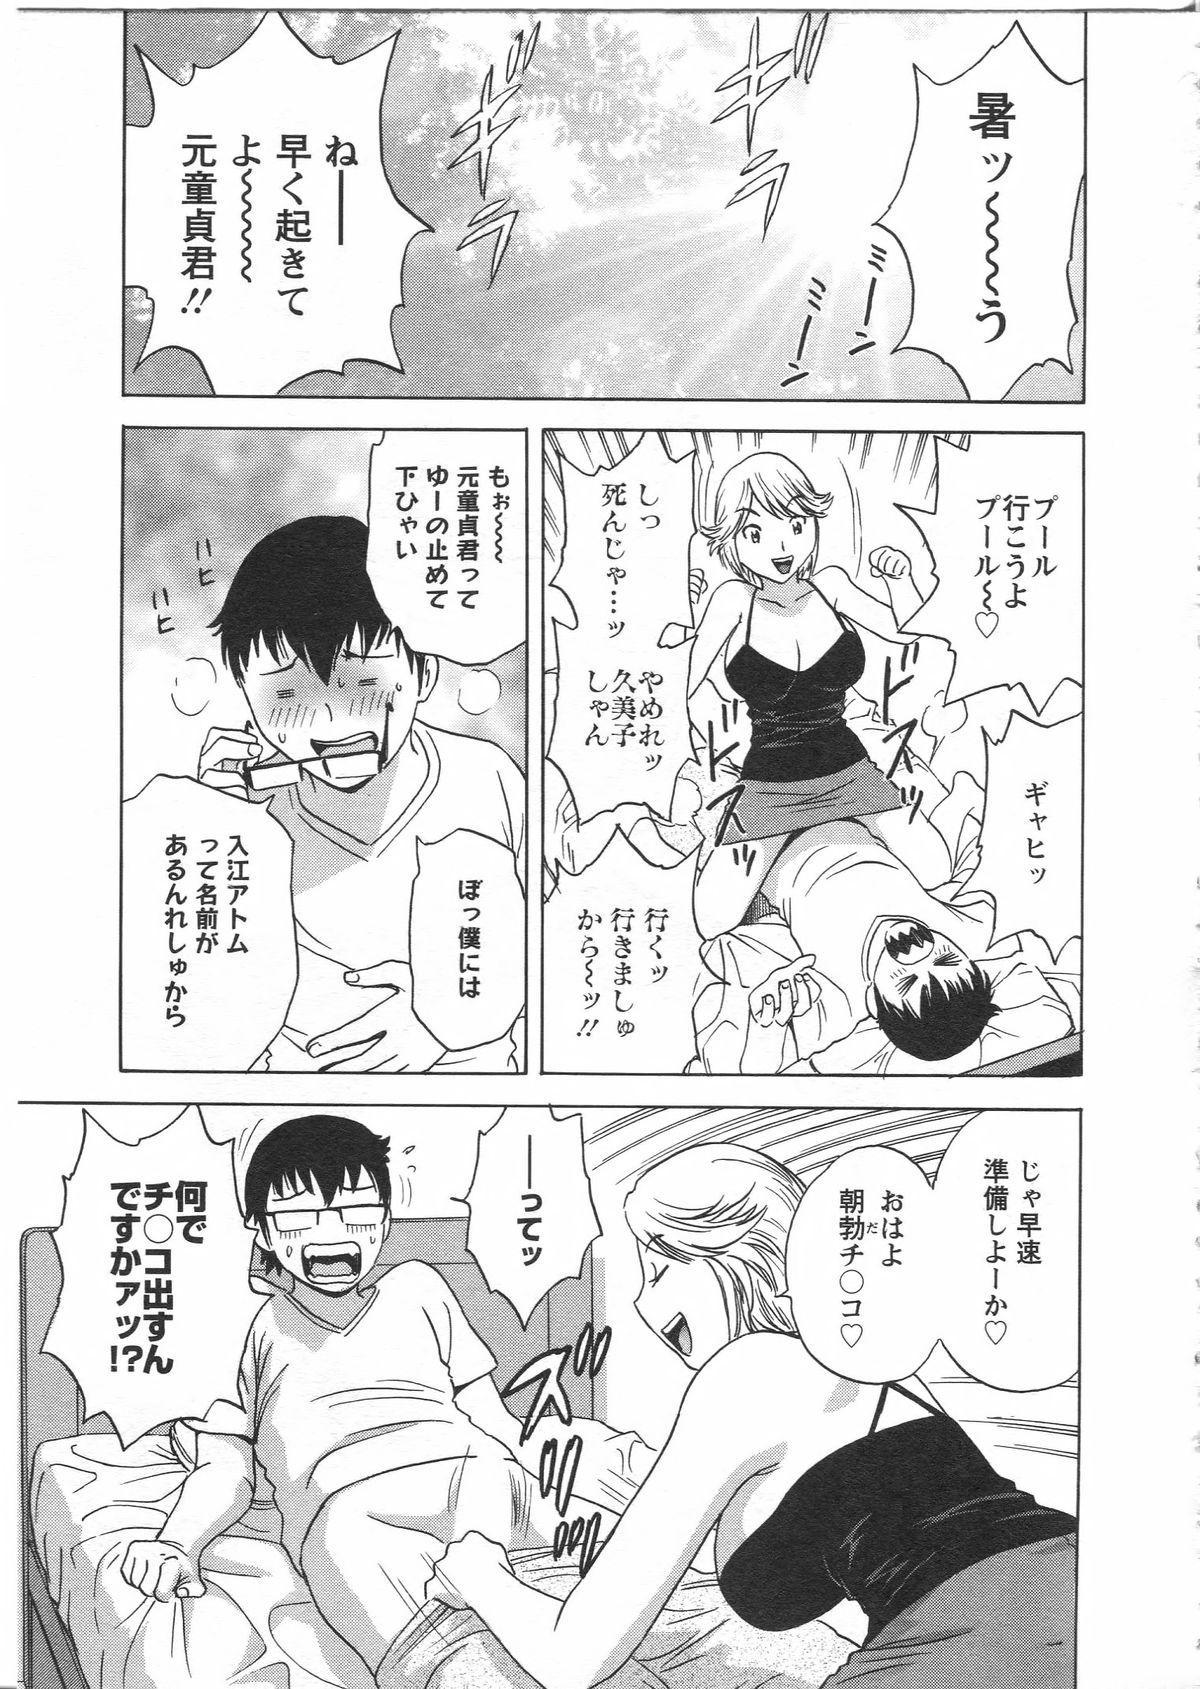 Manga no youna Hitozuma to no Hibi - Days with Married Women such as Comics. 116